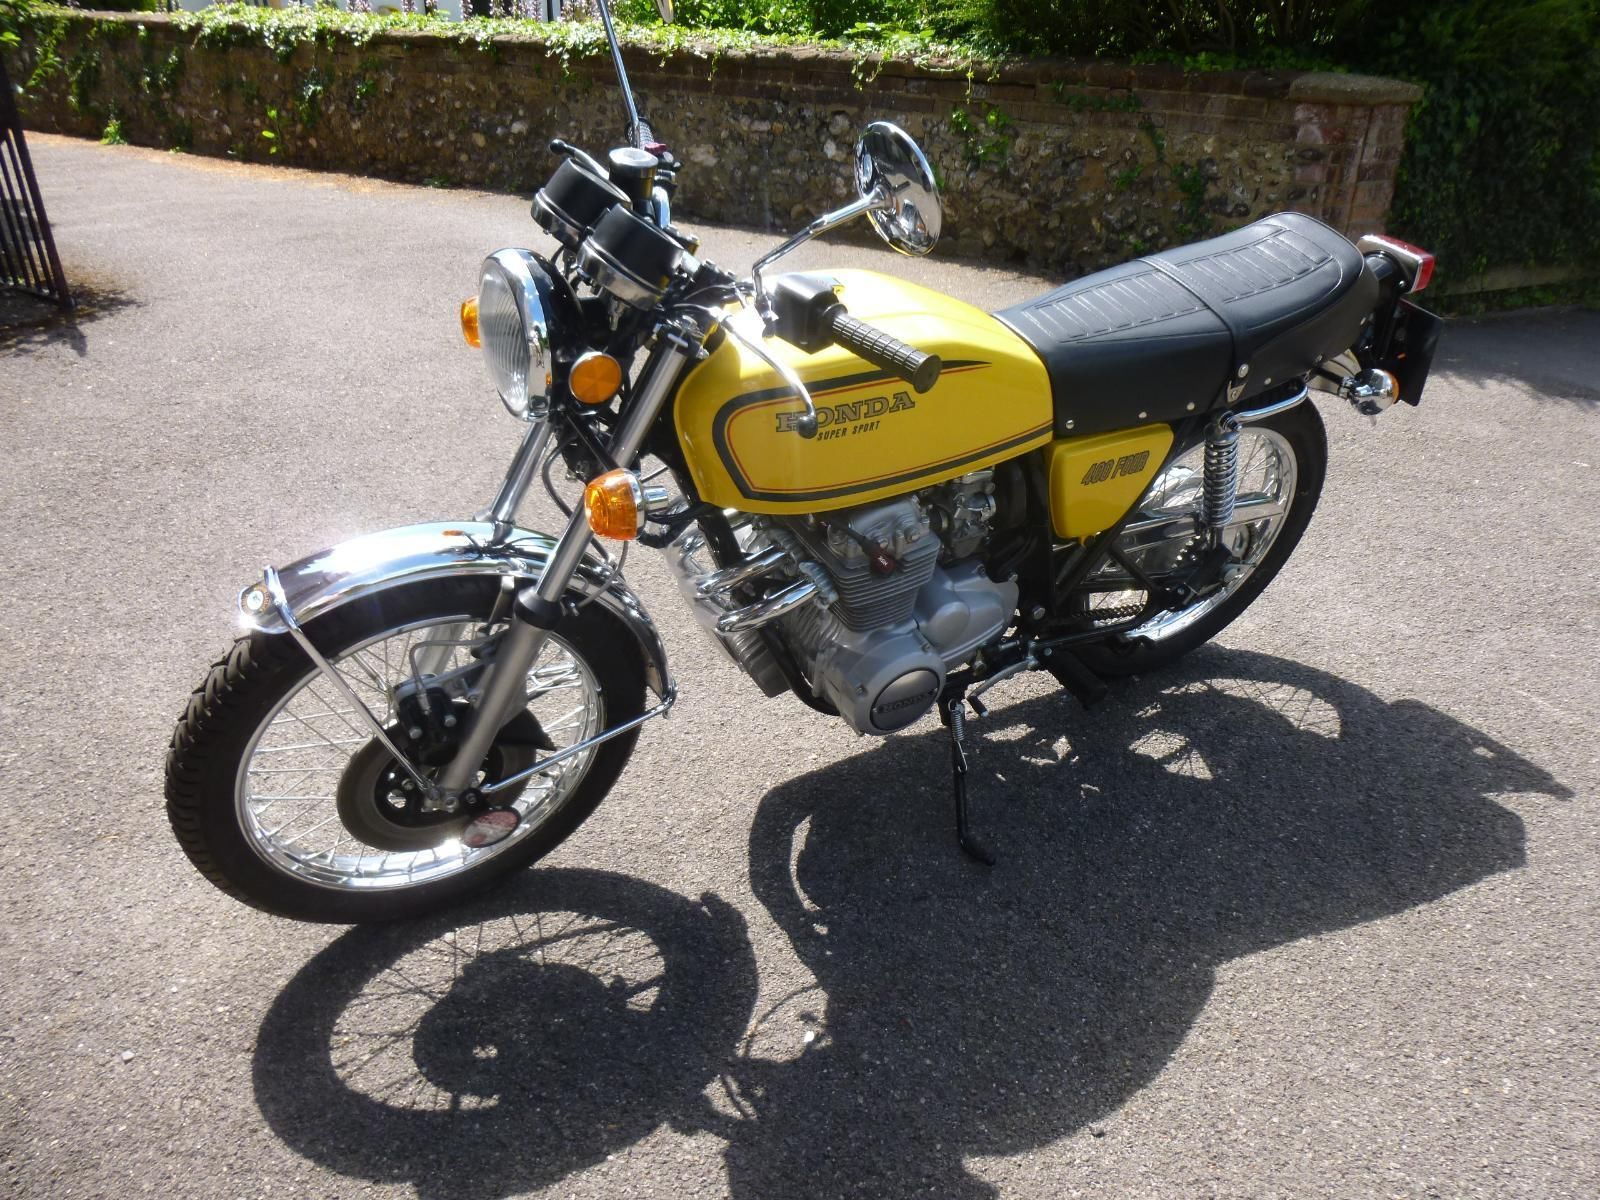 Honda CB400/4 - 1976 - Front Wheel, Front Mudguard, Seat and Handlebars.